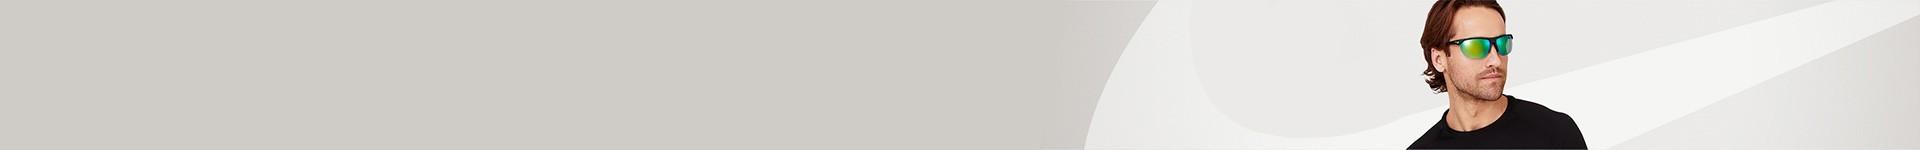 Lunettes de sport Homme, Femme - ChoqueOptique, votre opticien en ligne.